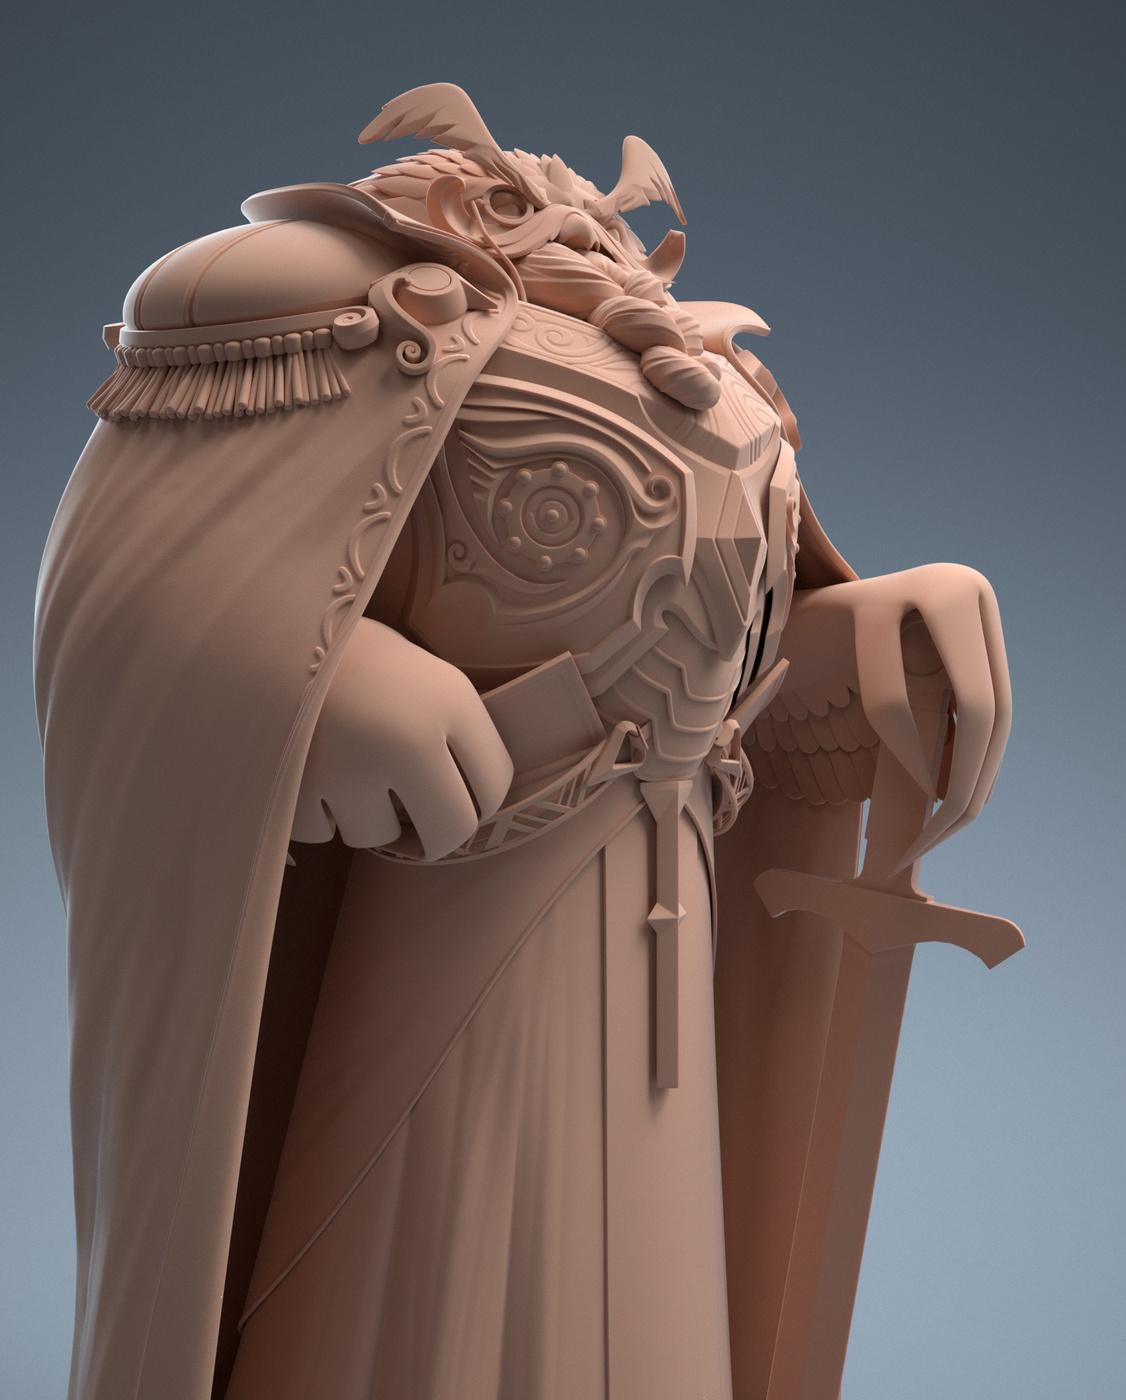 owl creature 3d rendered model